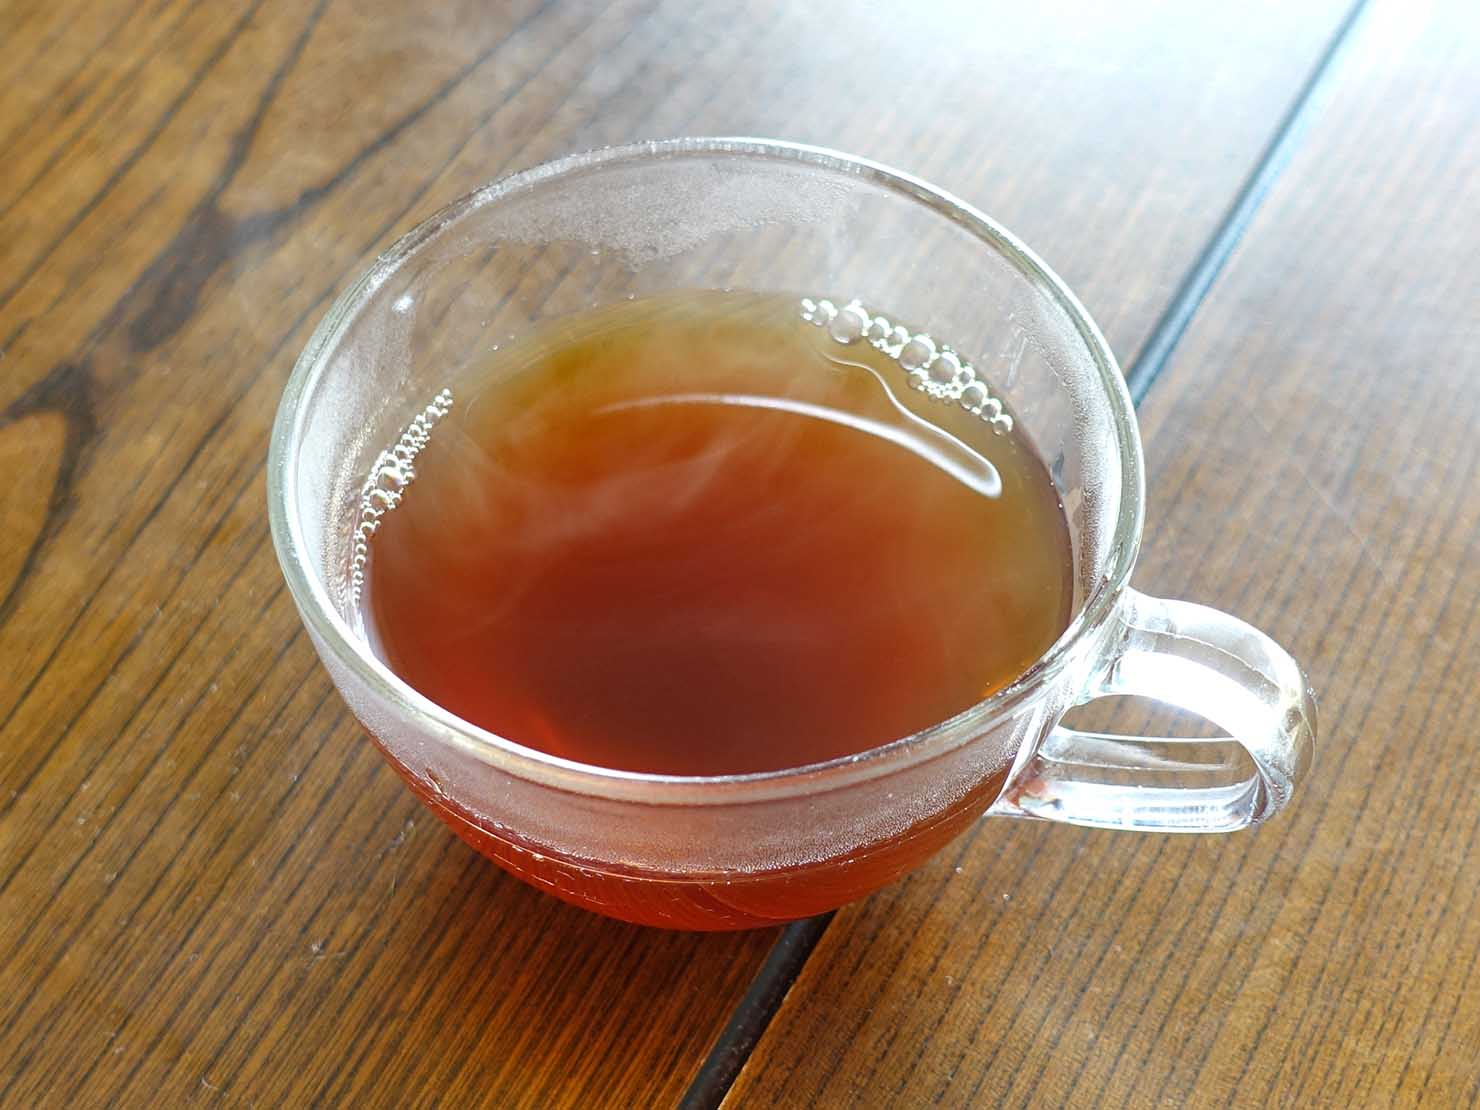 台北おみやげにおすすめの漢方ブランド・DAYLILY「暖活薑棗飲」